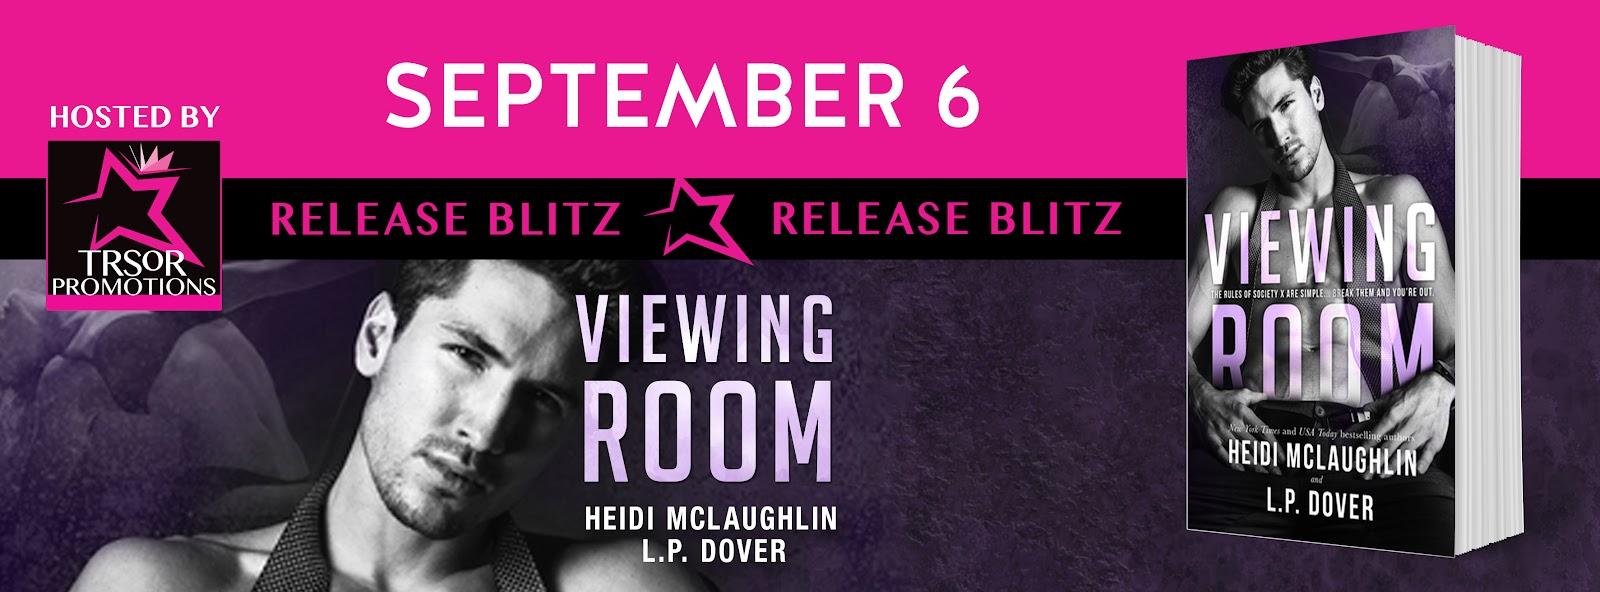 VIEWING_ROOM_RELEASE_BLITZ.jpg